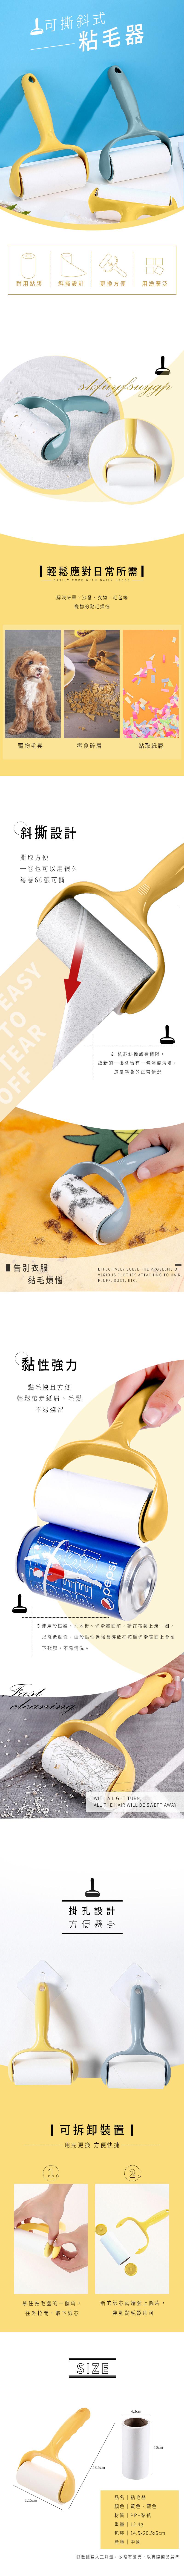 CL-TIG.jpg (800×11200)